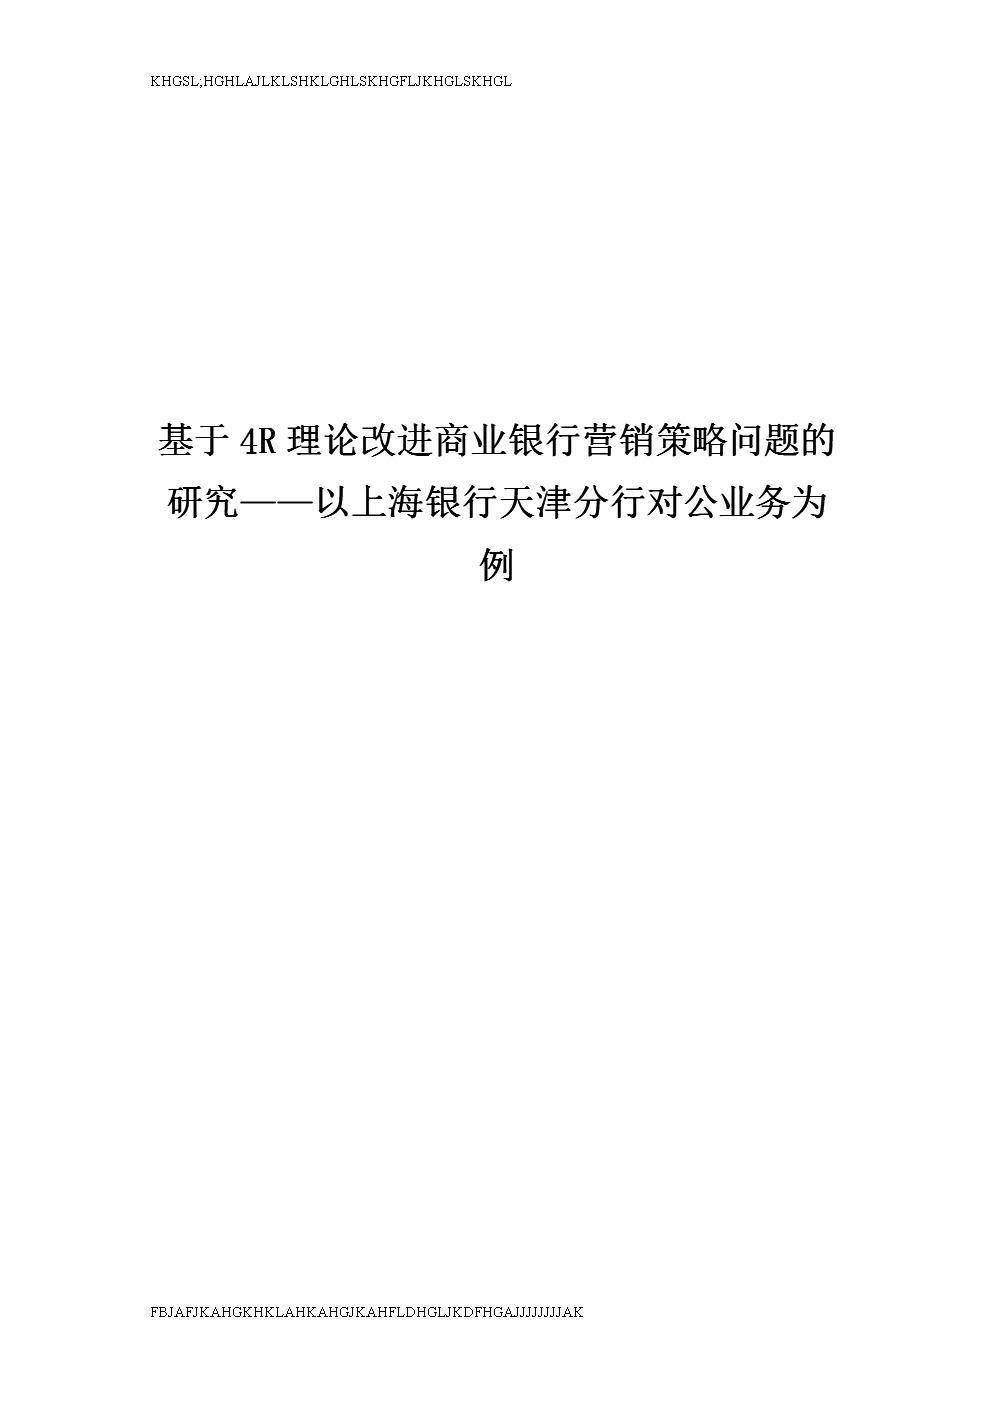 【毕业设计】基于4R理论改进商业银行营销策略问题的研究——以上海.doc